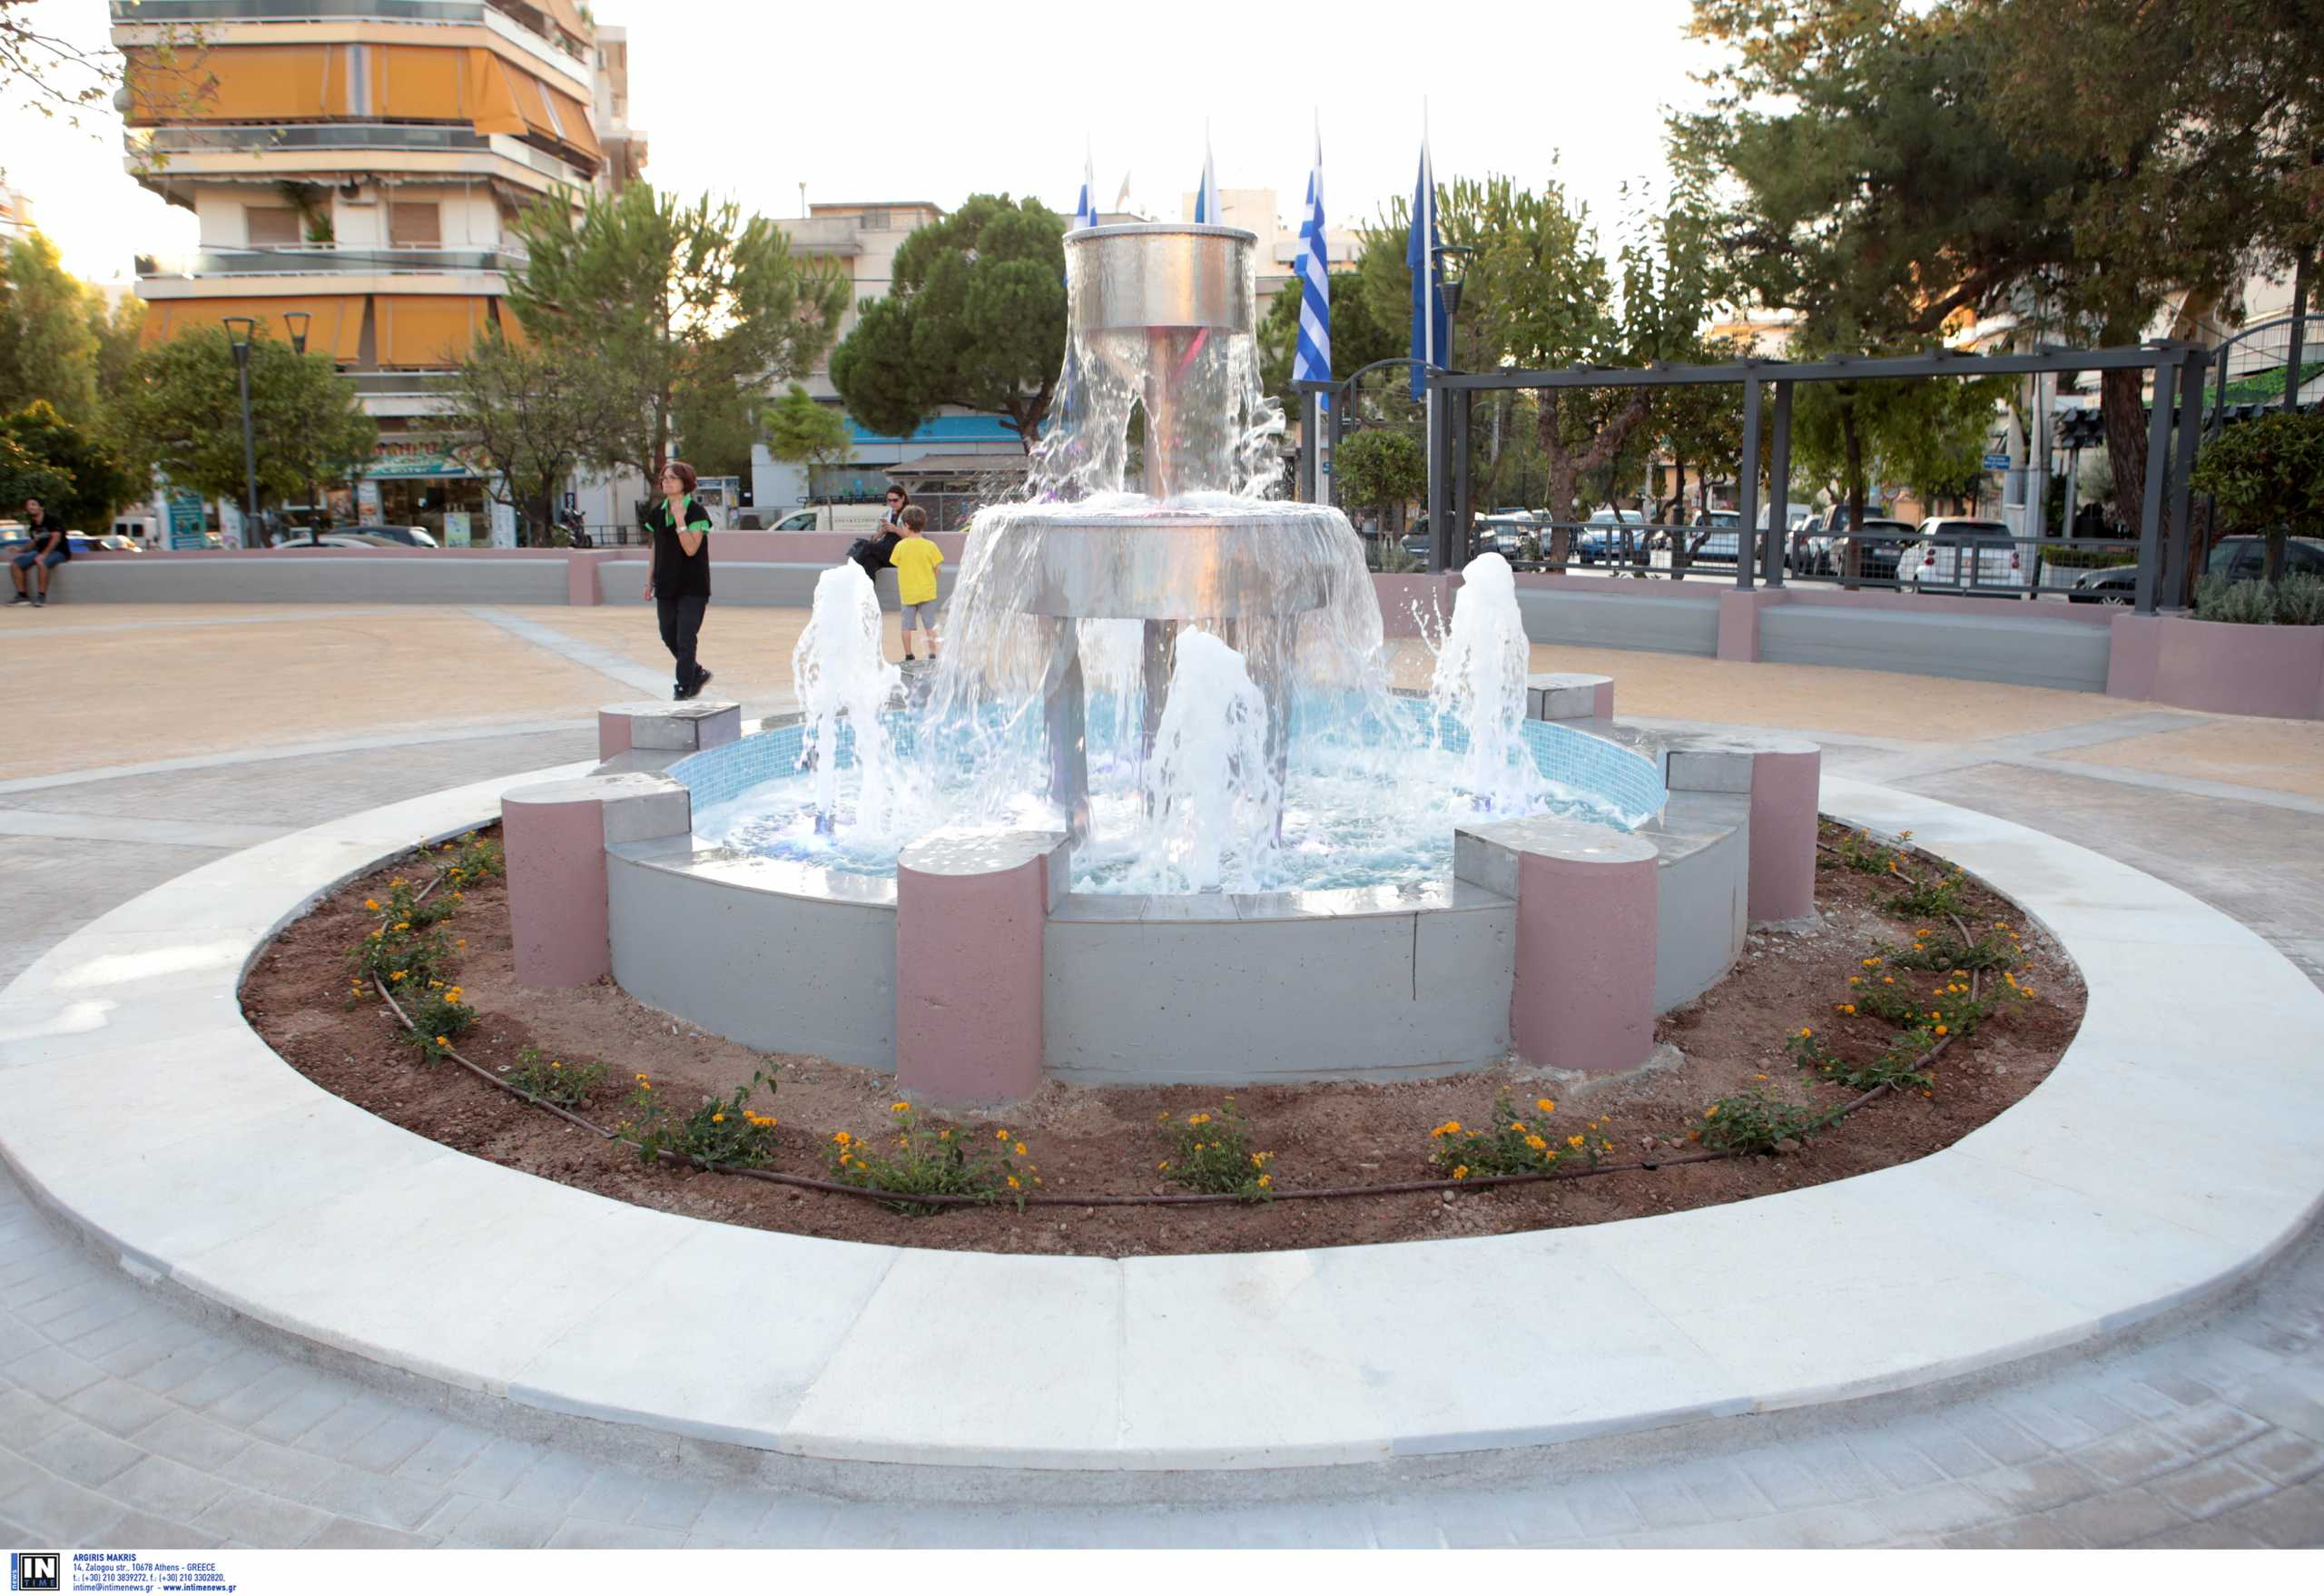 Το Reuters βρήκε τα «πάρκα τσέπης» της Αθήνας και τα αποθεώνει